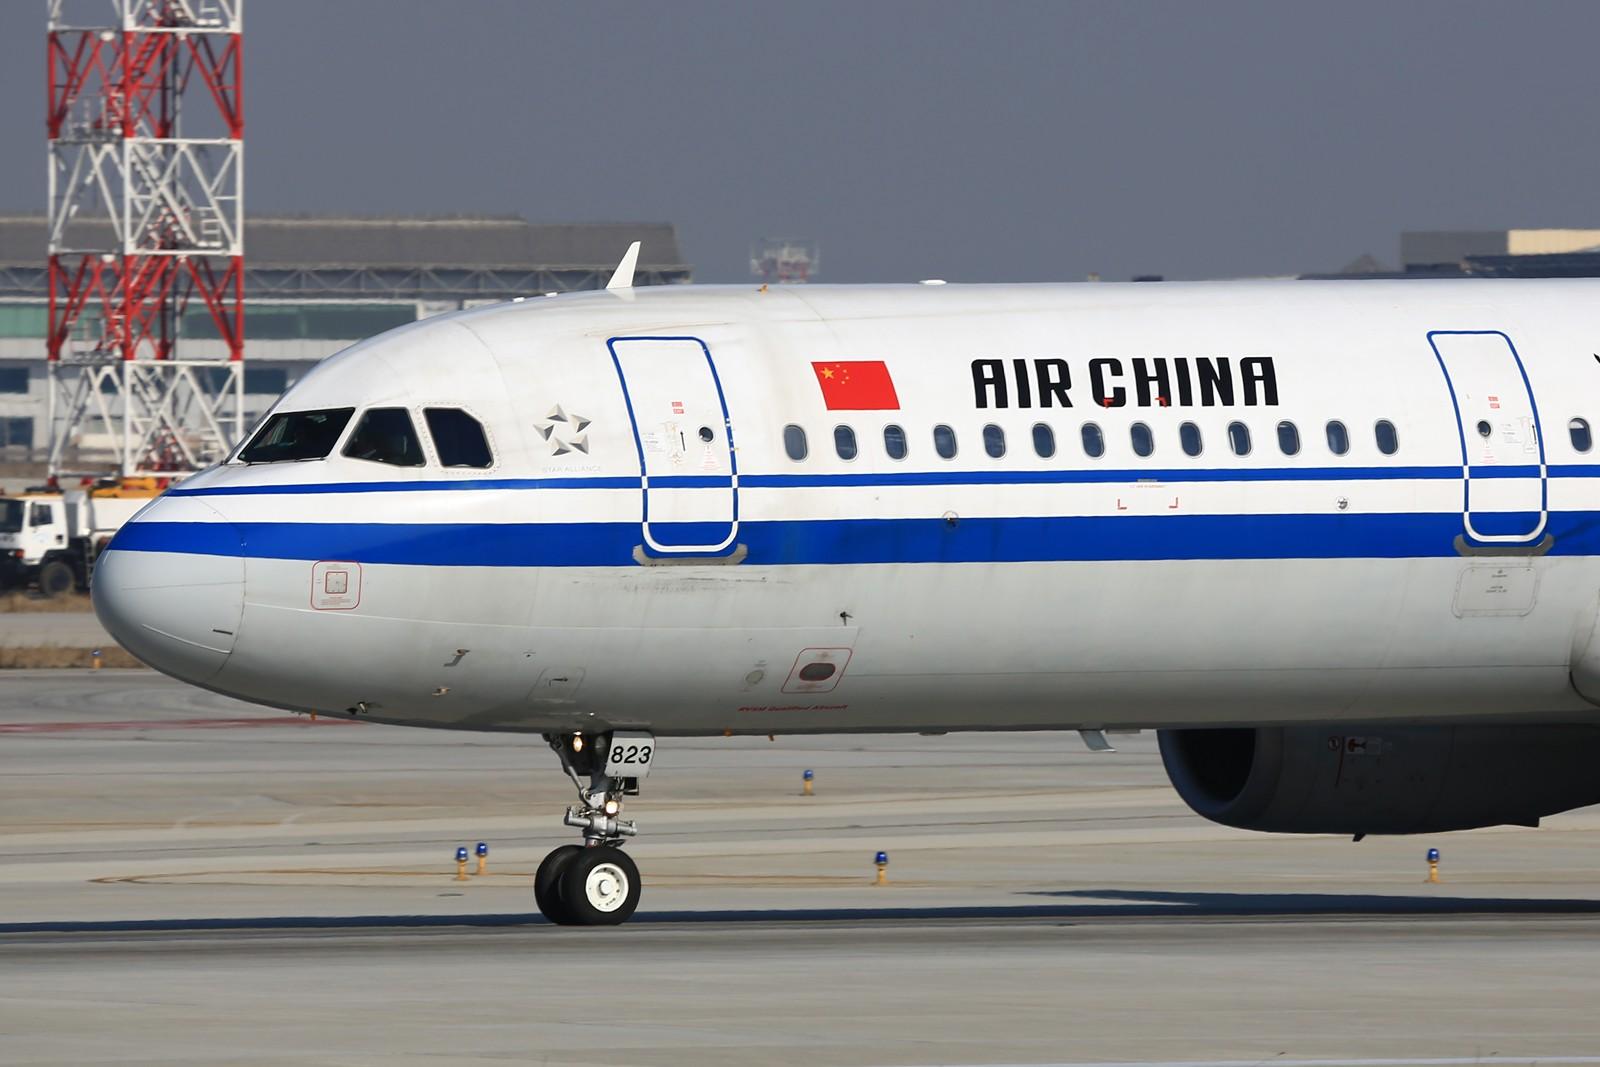 Re:[原创]【NKG】**********2015新年好!南跑25头新拍机位:华航744吉米彩绘,汉莎343,东海738********** AIRBUS A321-200 B-6823 中国南京禄口国际机场